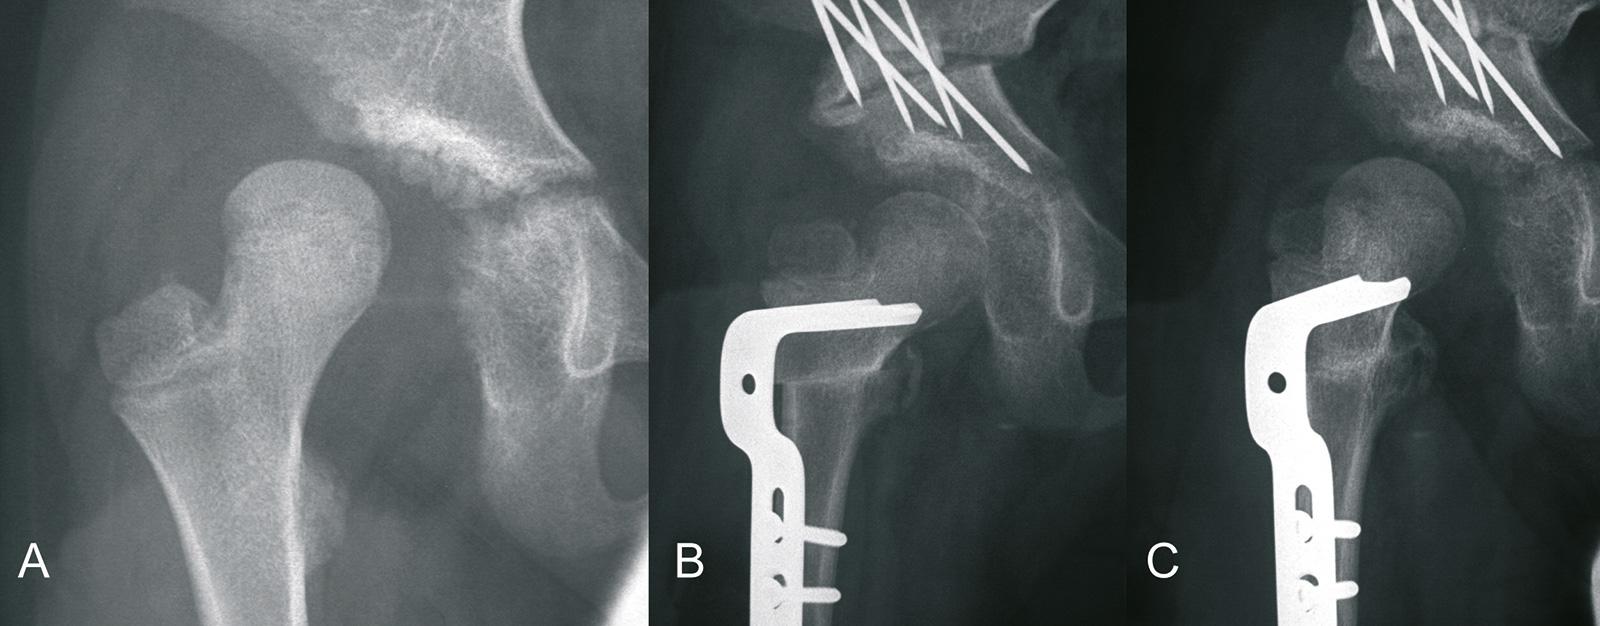 Abb. 2-71: Hüftluxation bei einem Patienten mit Down Syndrom (A), Reposition und Salter Osteotomie in Kombination mit einer DVO (B), im Verlauf erneute Subluxation (C) (Eigentum des Instituts für Klinische Radiologie der Universität Münster)